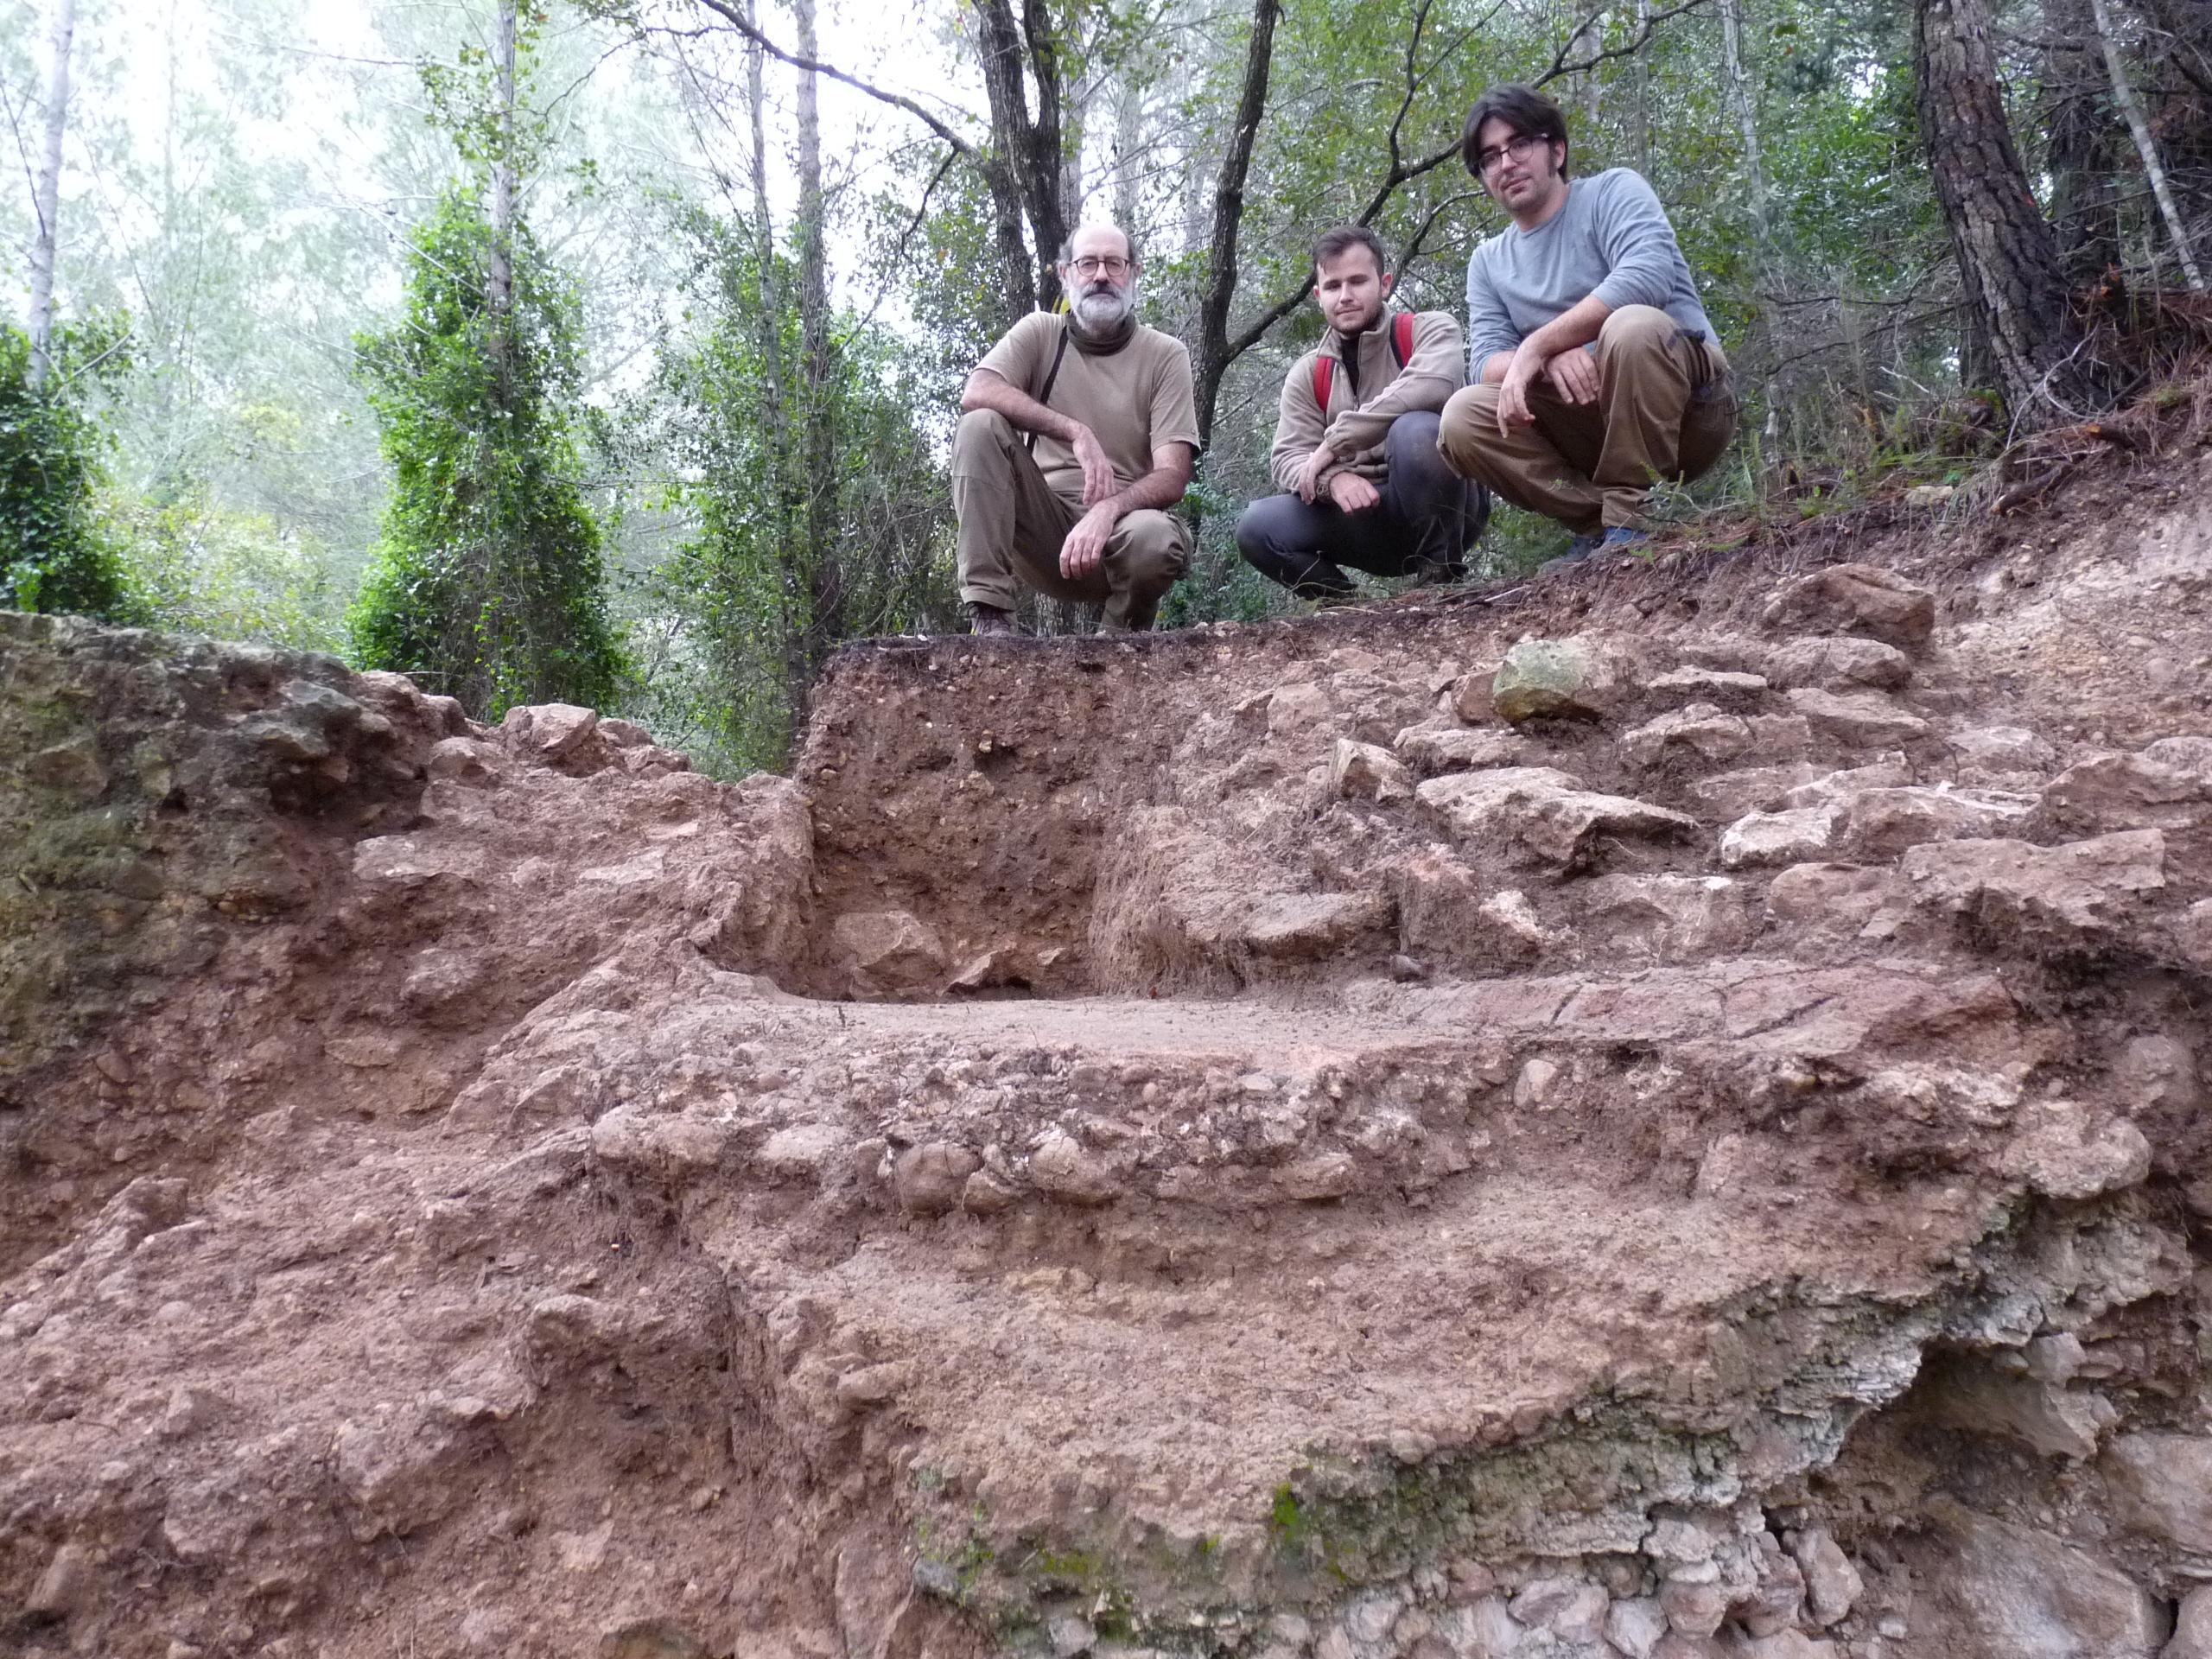 Jordi López Vilar, Antoni Corrales i Joan Canela. Treballs d'excavació a Vallmoll (Alt Camp). A la imatge es pot veure una part del contrafort i dos paviments sobreposats, amb una capa de travertí. Foto © ICAC